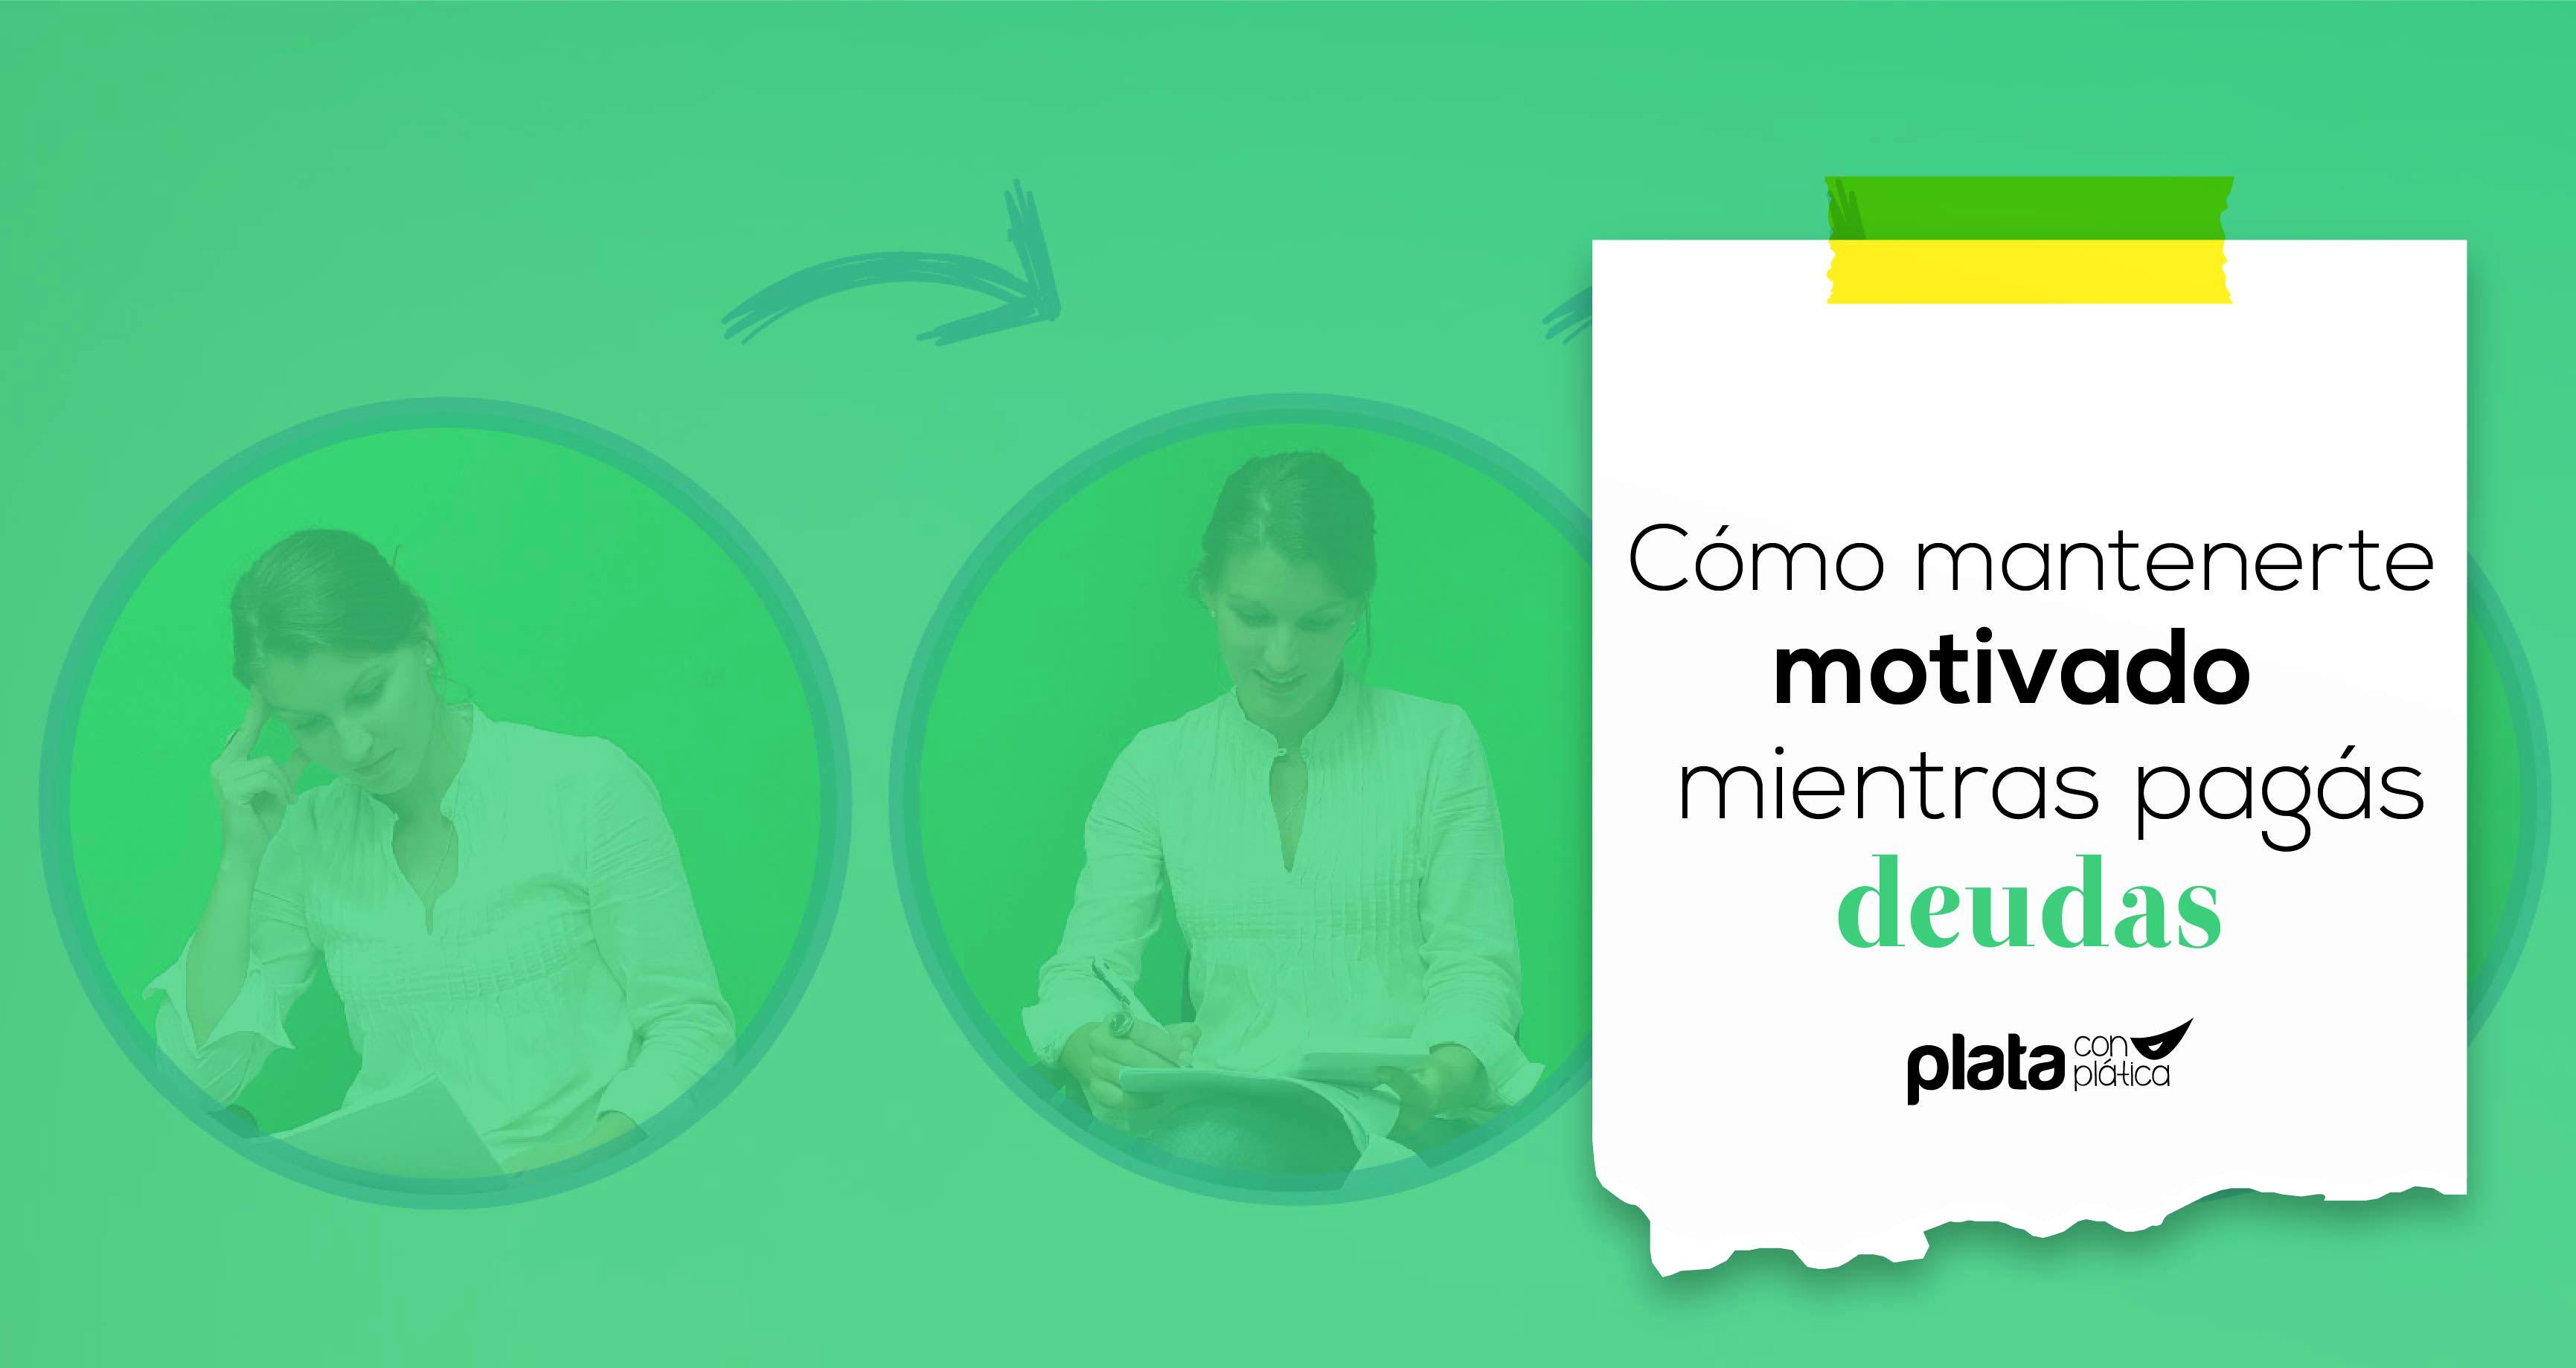 Motivación deudas recicladoe   Plata con Plática